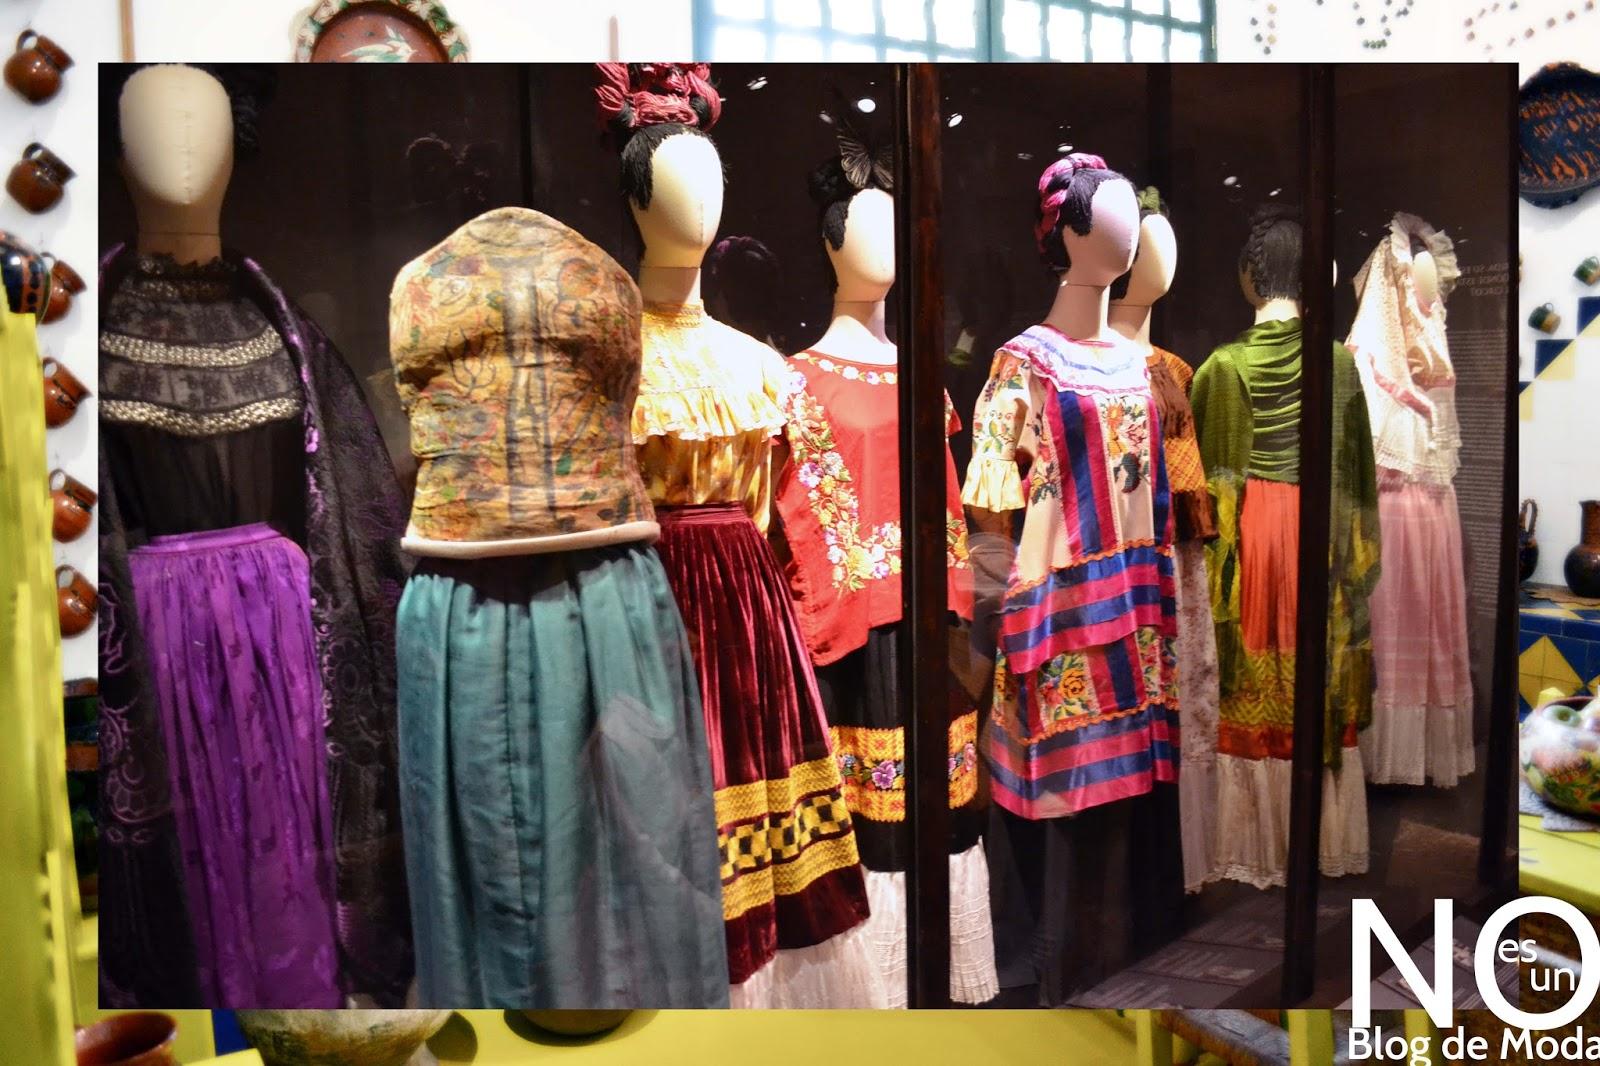 Vogue frida kahlo las apariencias enga an no es un - Estilo frida kahlo ...